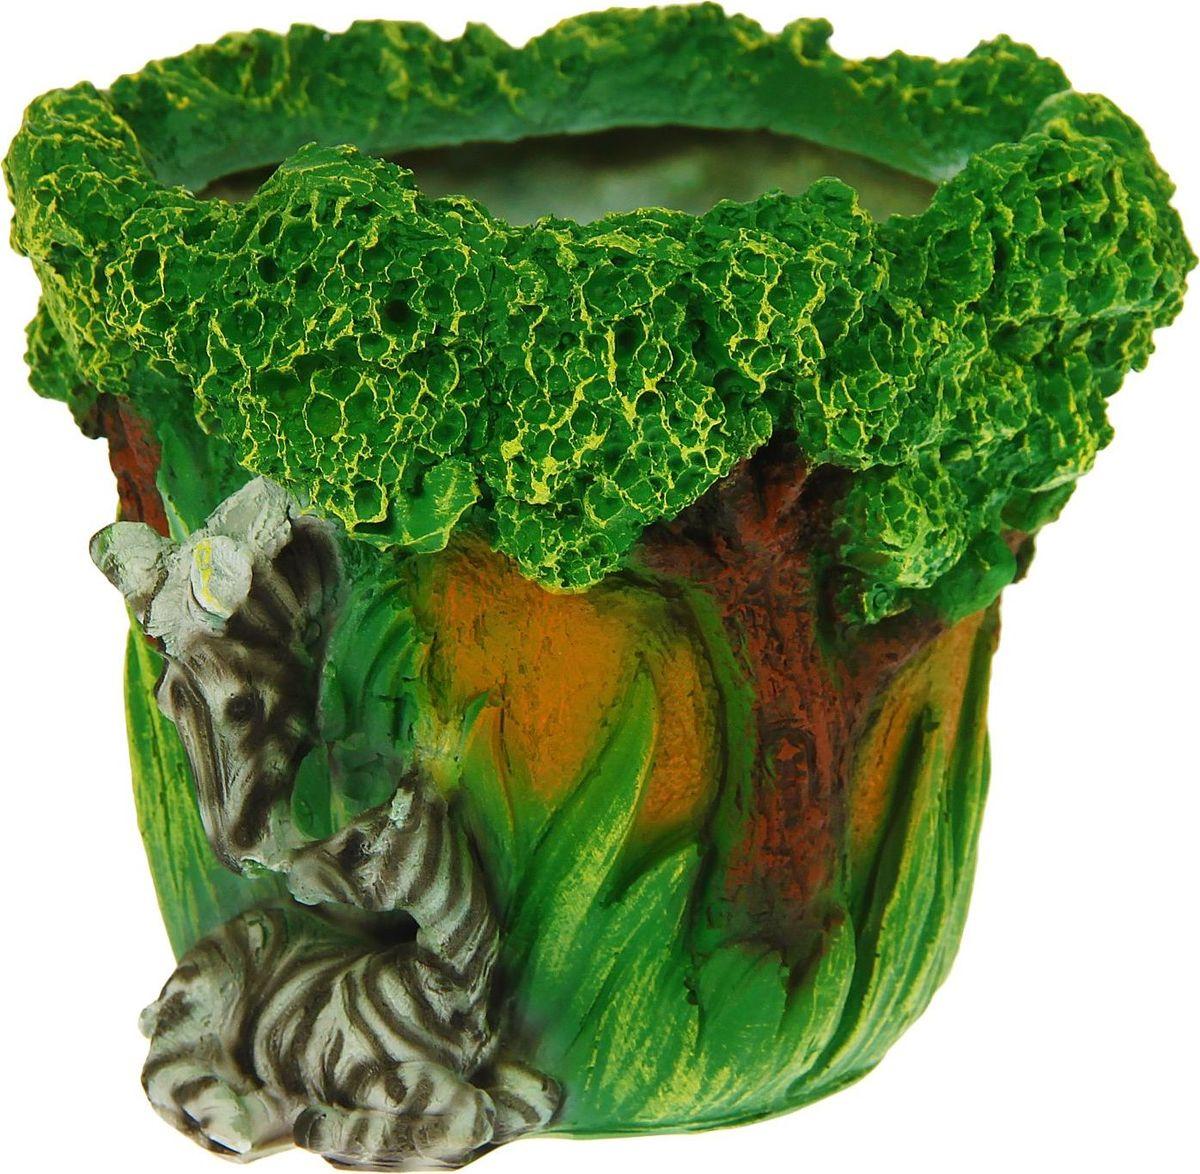 Кашпо Зебры, 20 х 20 х 17 см1259552Комнатные растения — всеобщие любимцы. Они радуют глаз, насыщают помещение кислородом и украшают пространство. Каждому из растений необходим свой удобный и красивый дом. Поселите зеленого питомца в яркое и оригинальное фигурное кашпо. Выберите подходящую форму для детской, спальни, гостиной, балкона, офиса или террасы. позаботится о растении, украсит окружающее пространство и подчеркнет его оригинальный стиль.